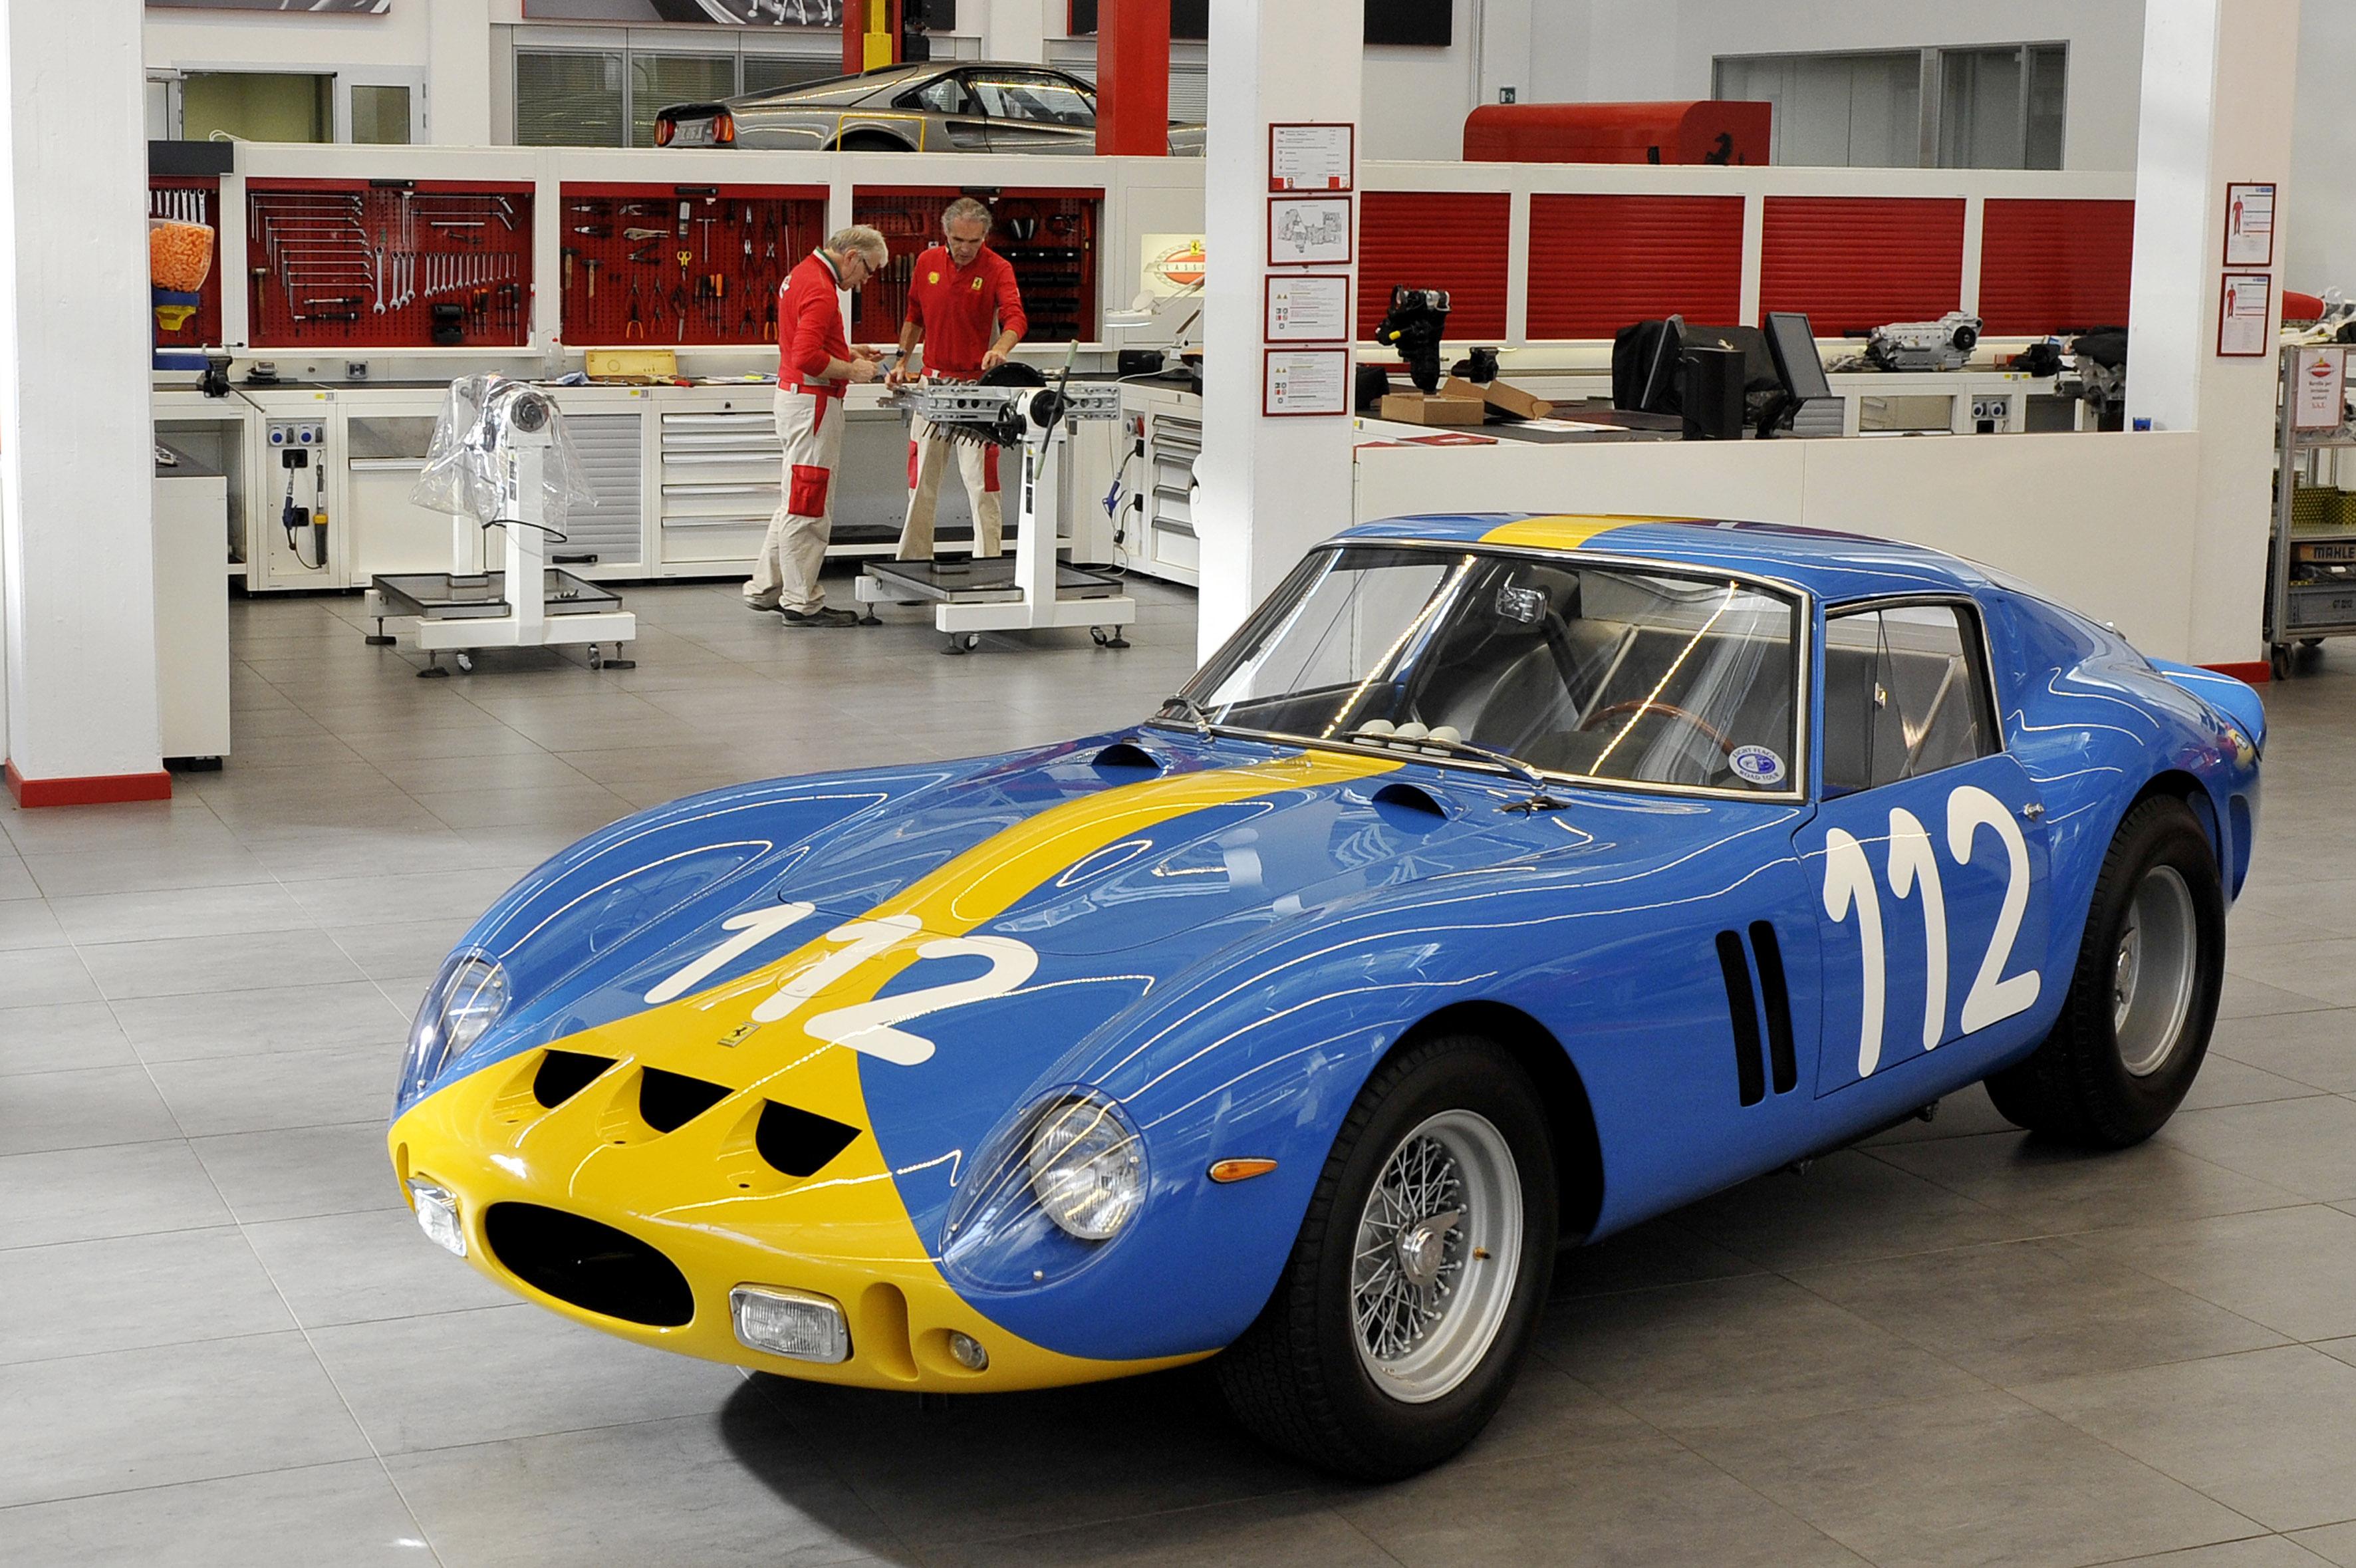 Al reparto Classiche il restauro di una splendida Ferrari 250 GTO